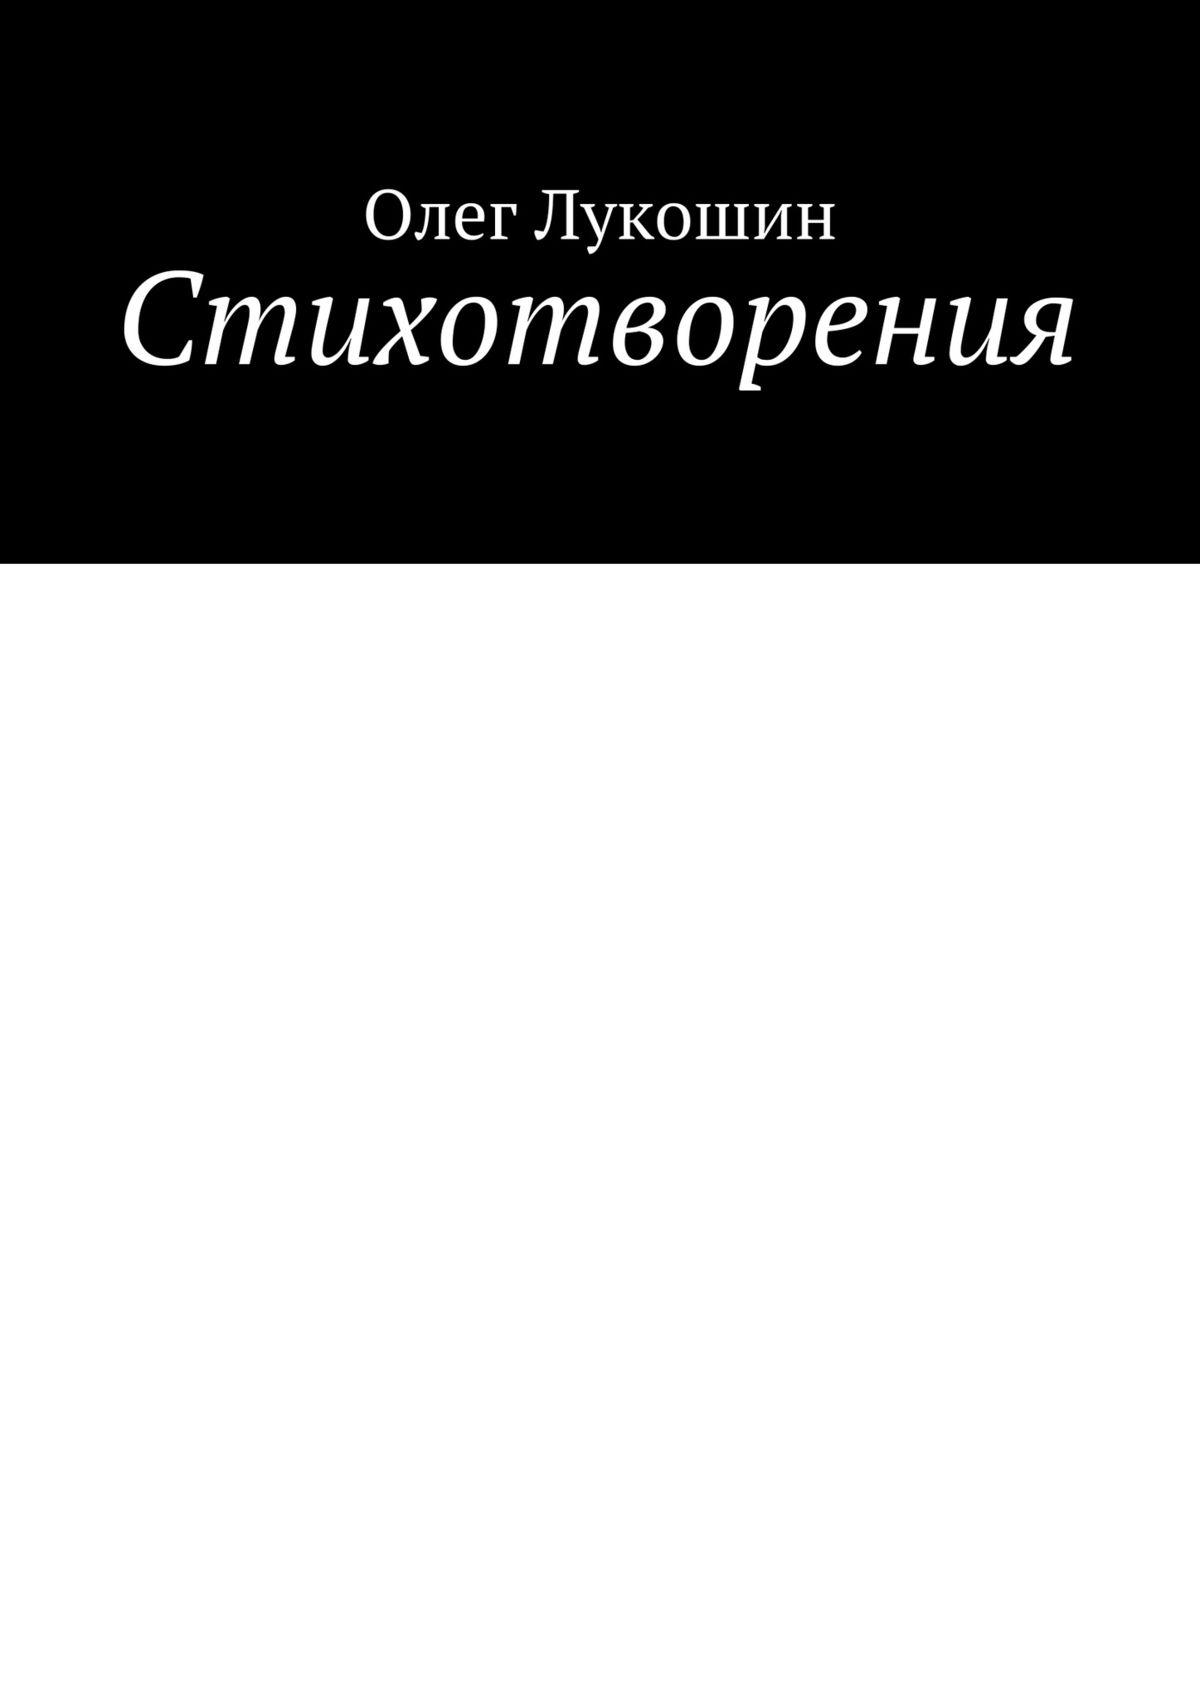 купить Олег Лукошин Стихотворения по цене 5.99 рублей